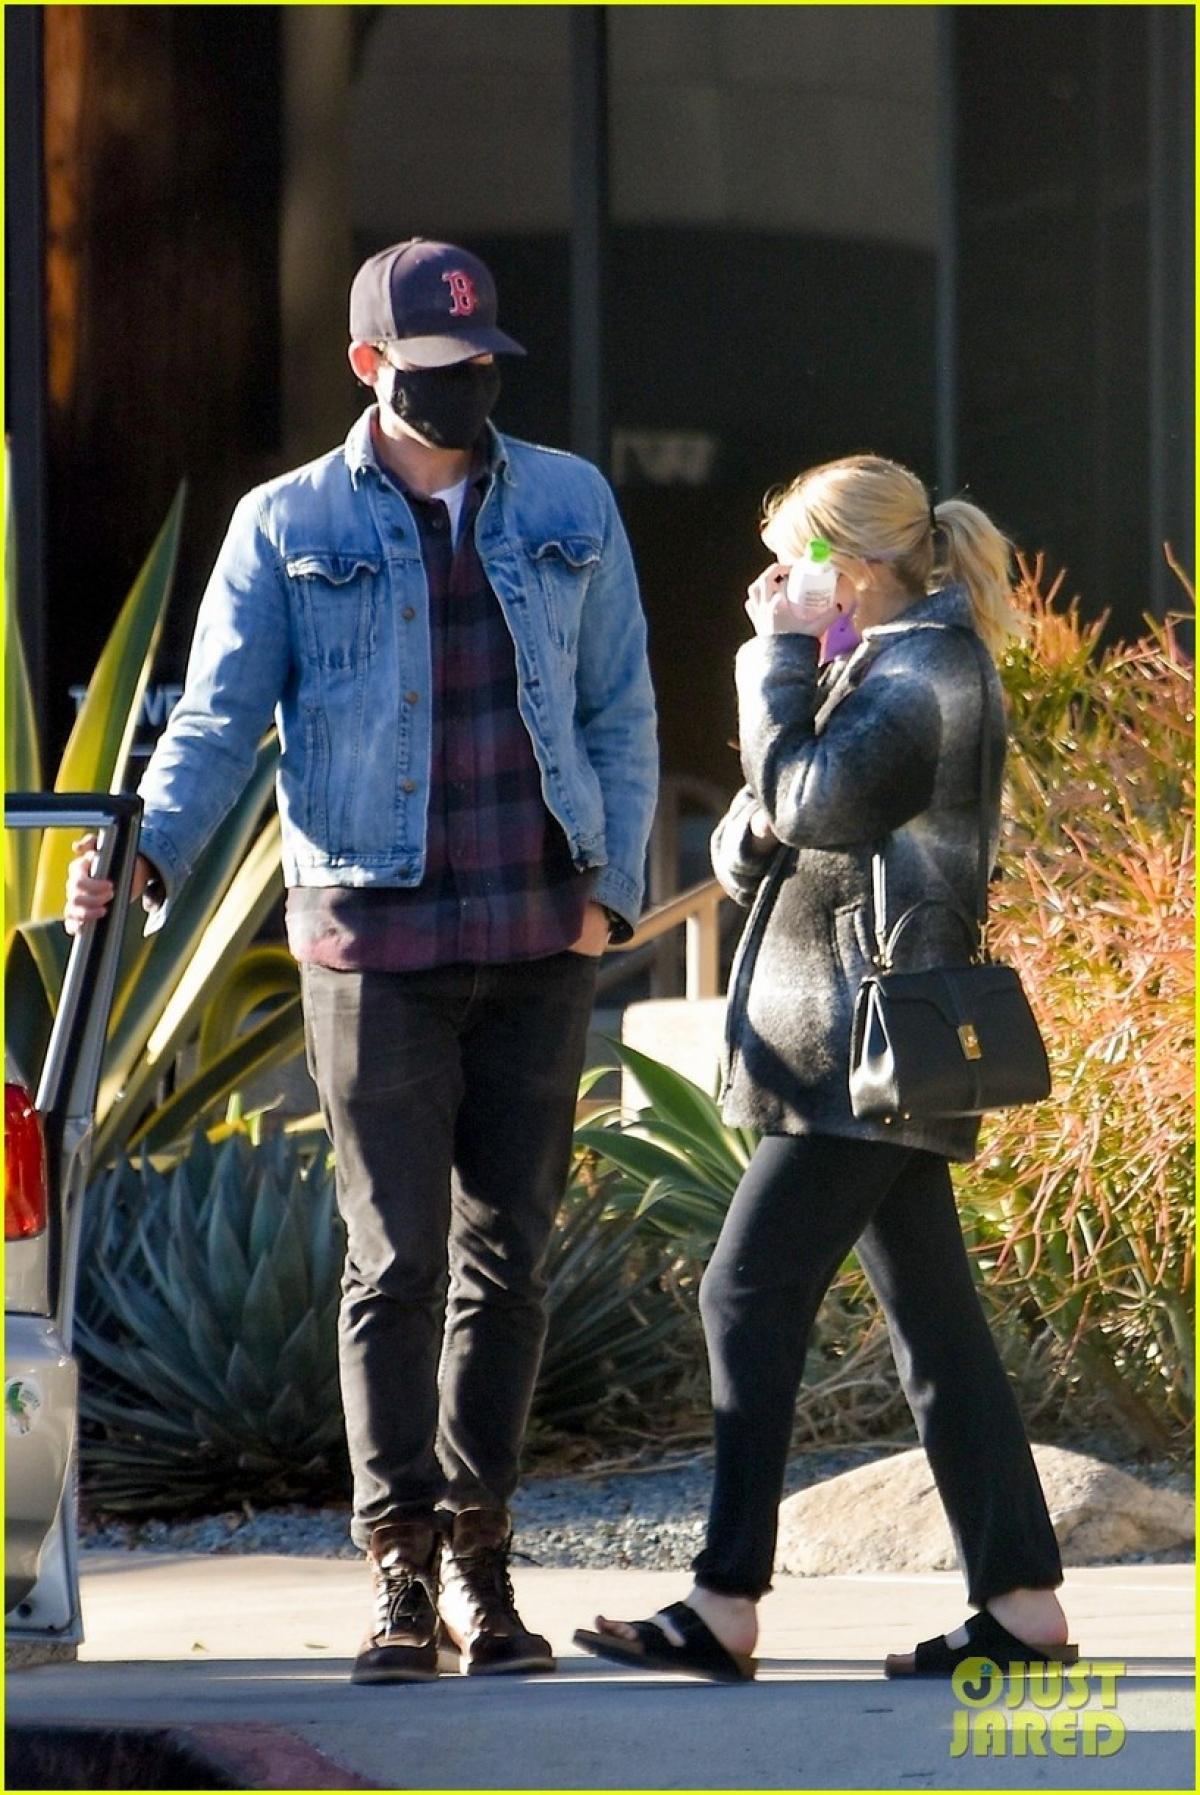 Emma Roberts giản dị ra phố cùng một người bạn ở Los Angeles vừa qua, sau 2 tuần hạ sinh con trai đầu lòng.